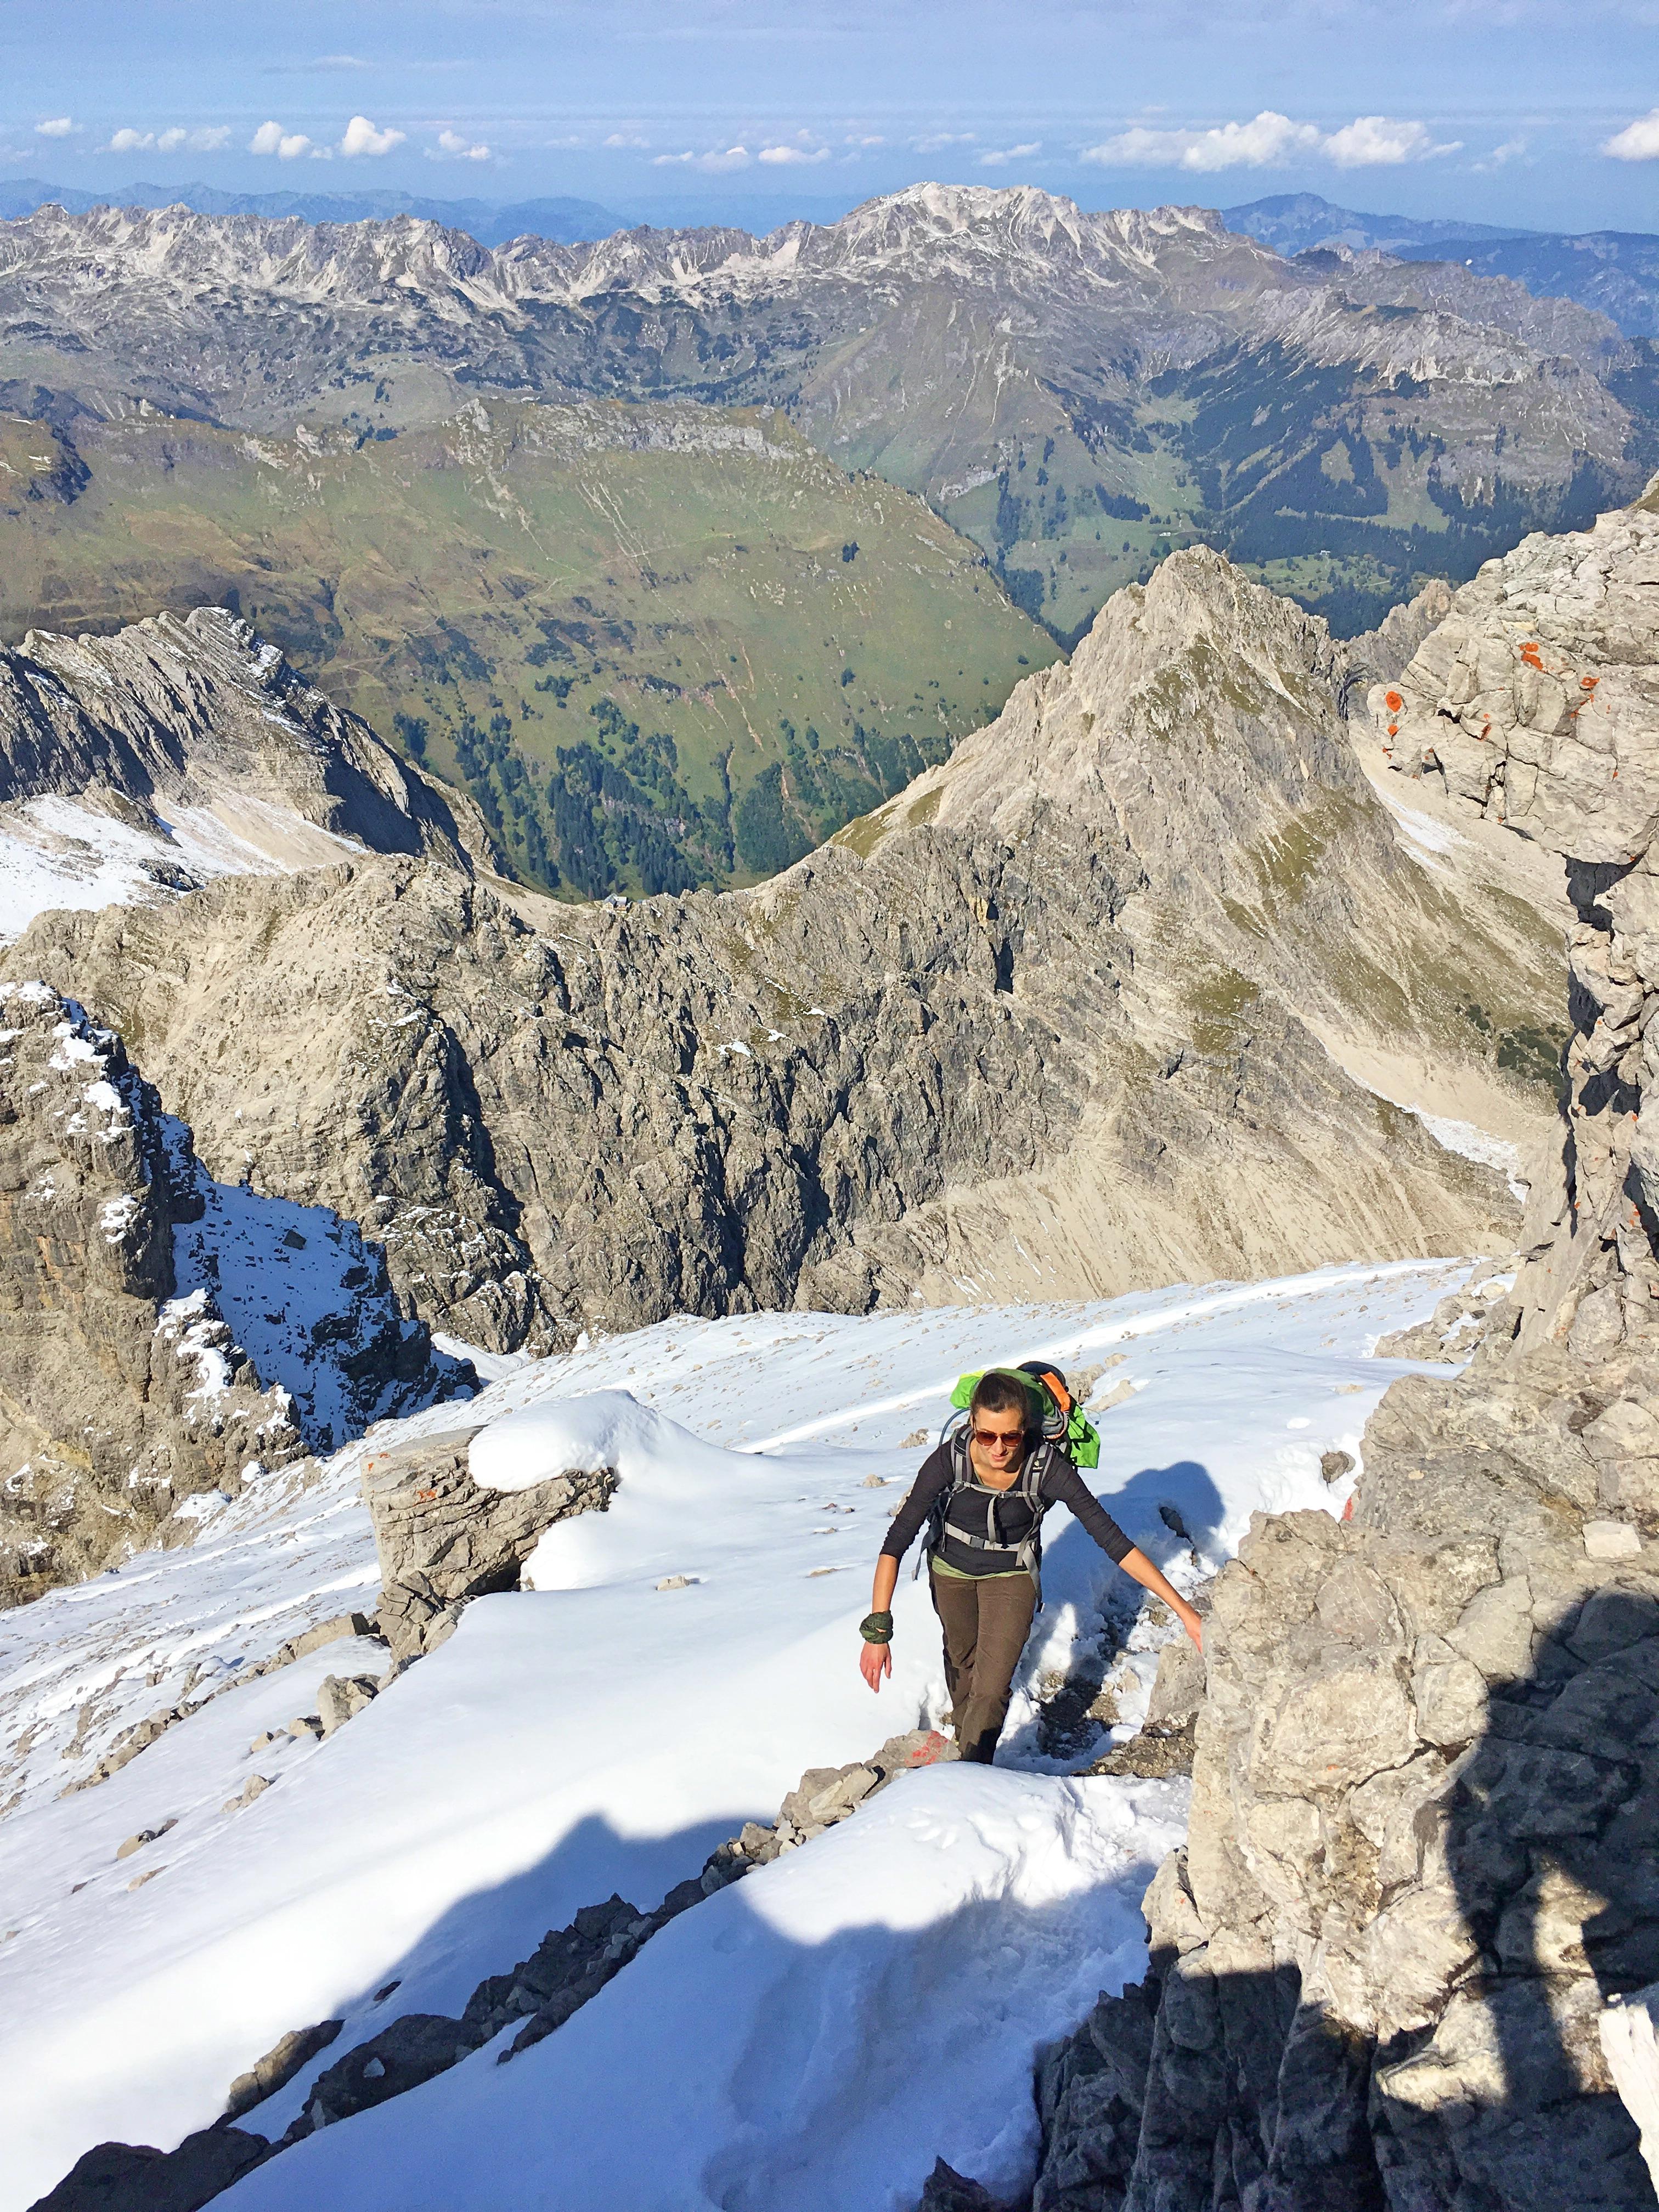 Bergtour Hochvogel: Mit etwas Kraxelei und Schwindelfreiheit erreichen wir den Gipfel.